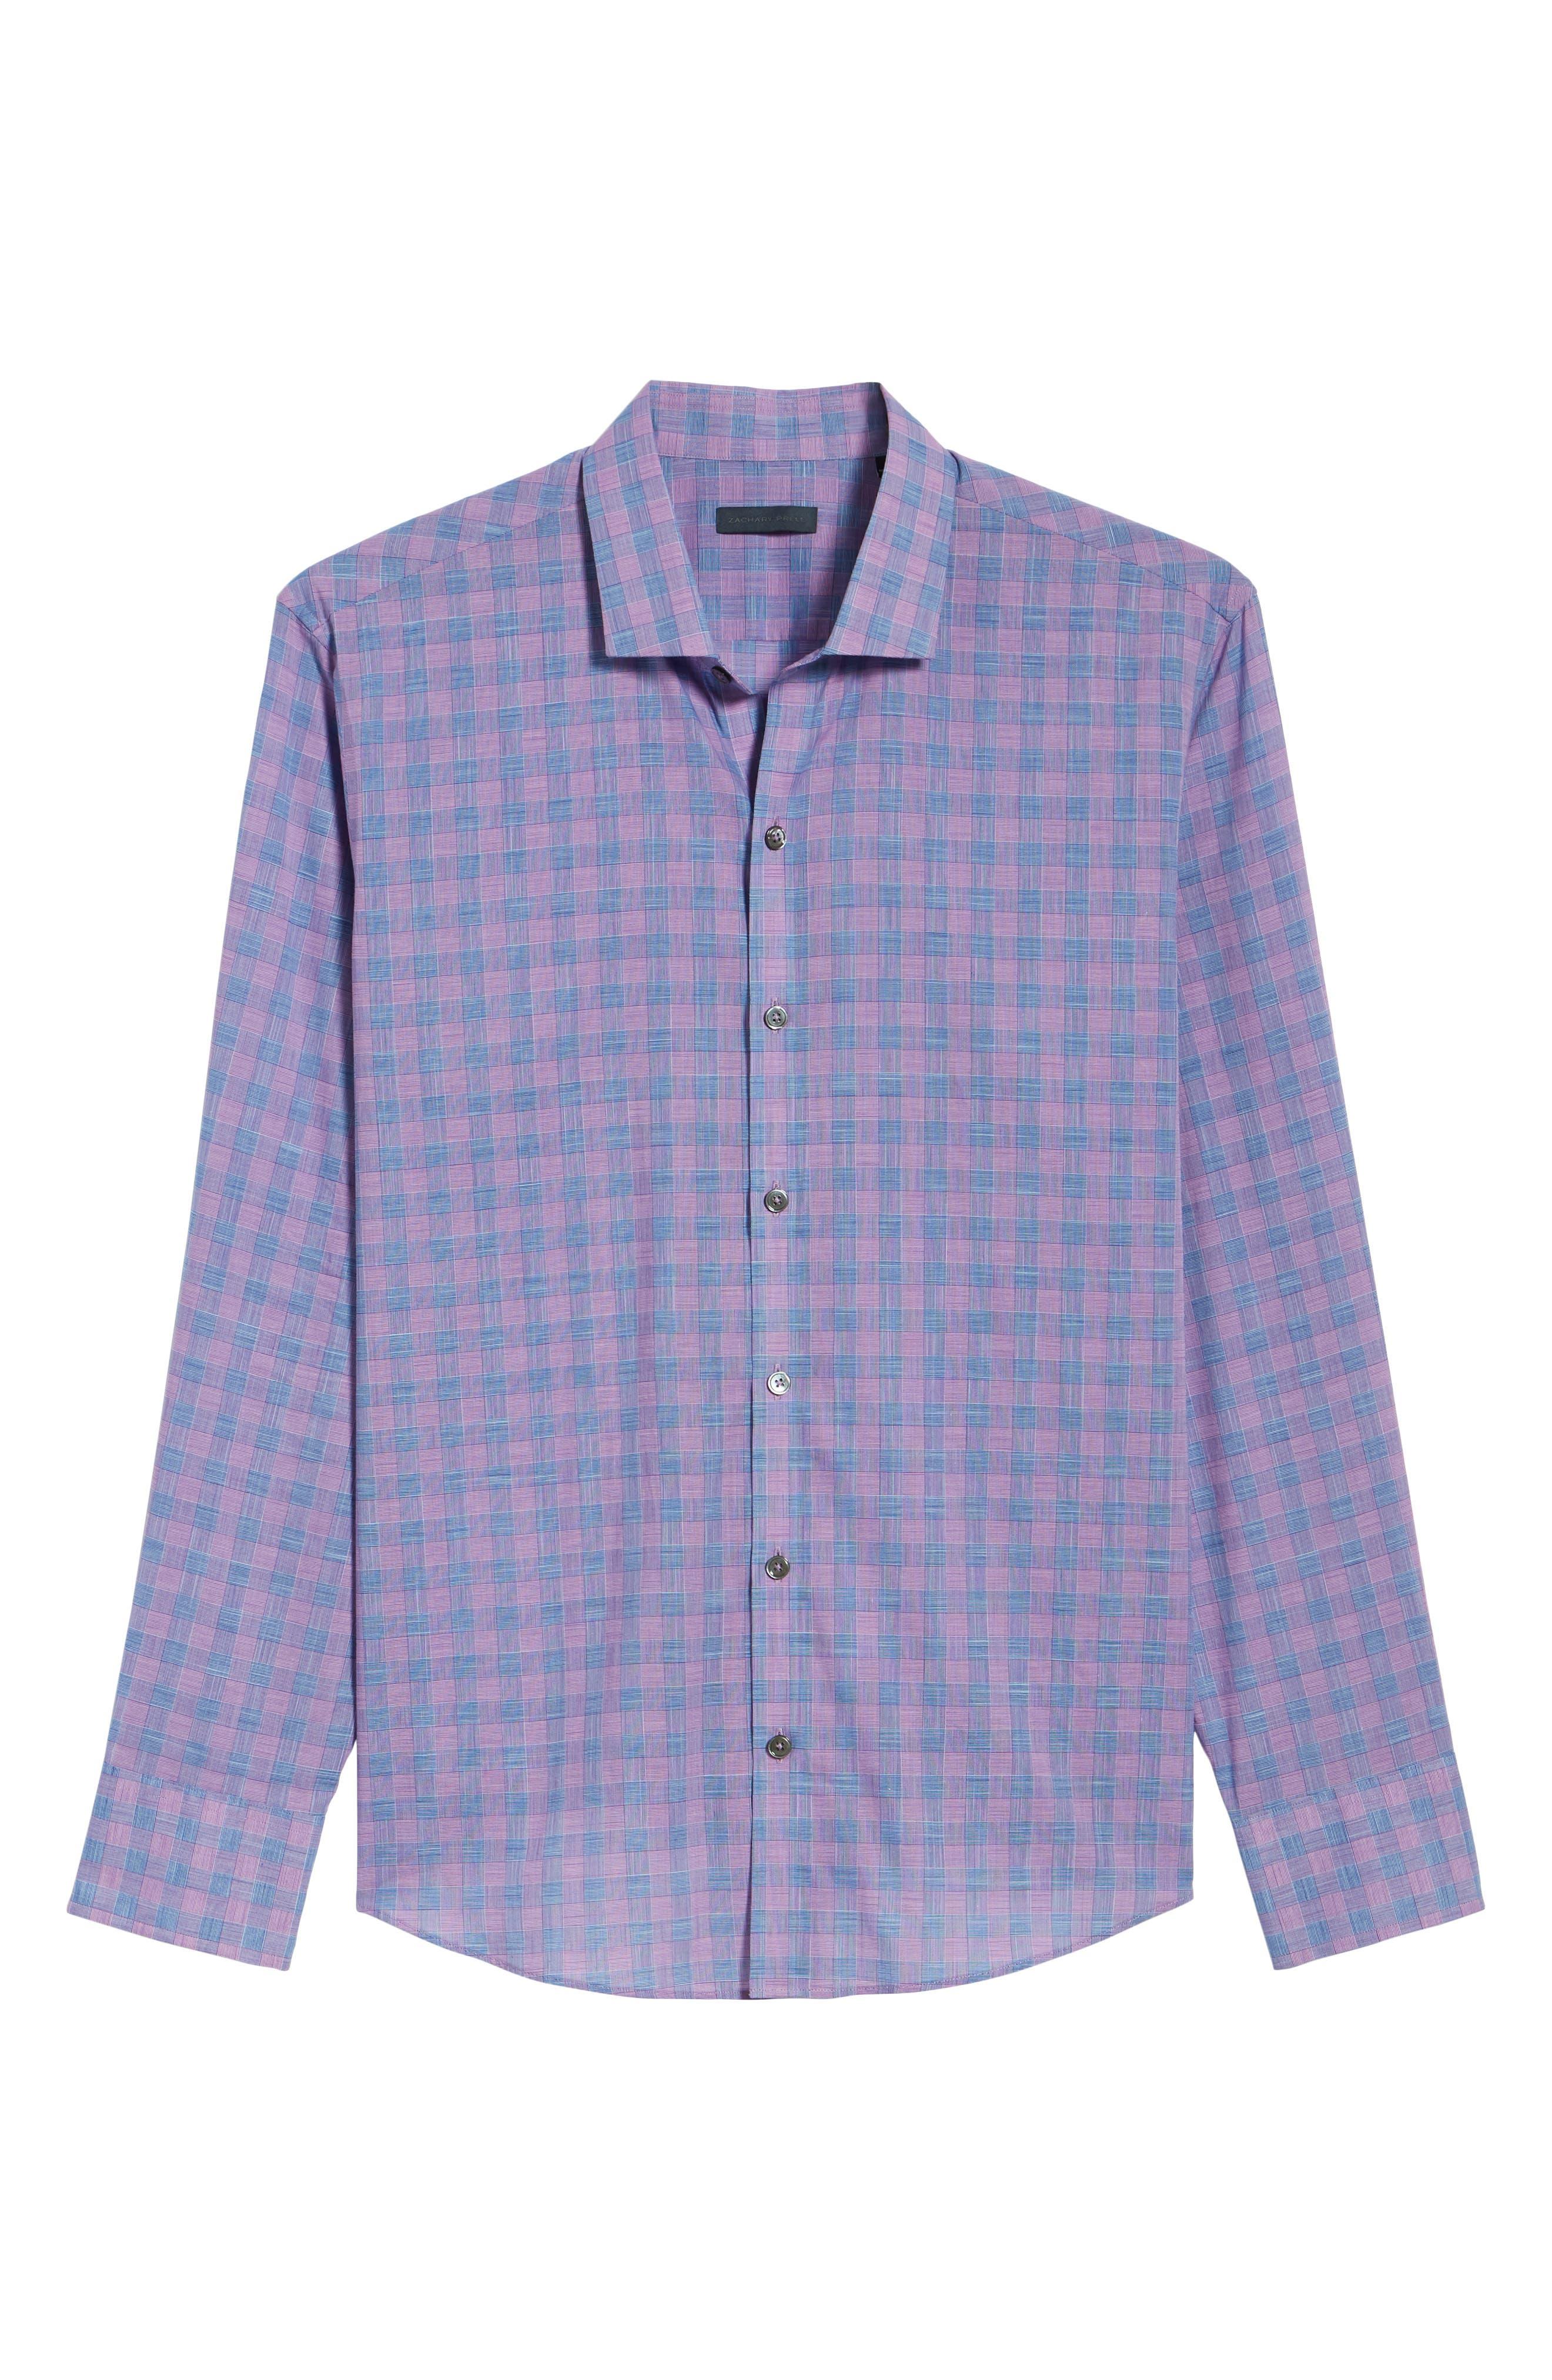 Schwantes Plaid Sport Shirt,                             Alternate thumbnail 6, color,                             Purple